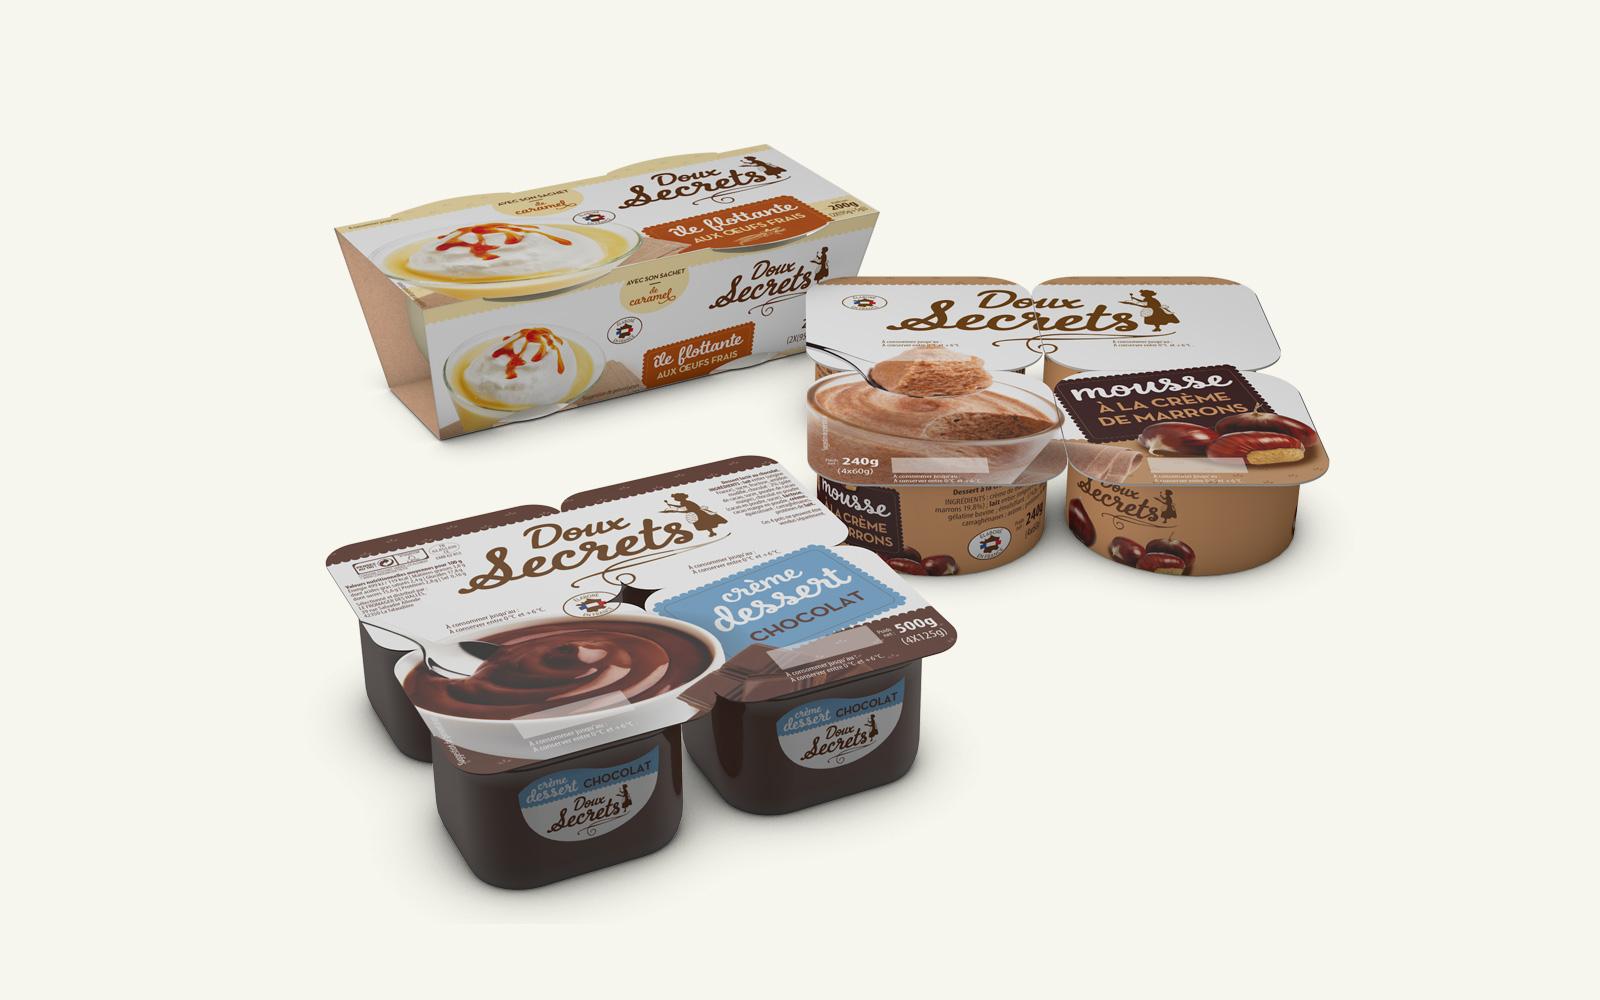 Campagne Avec Retailamp; Packaging Vous En Rayon Allez Connaître Un UMSGzVpq